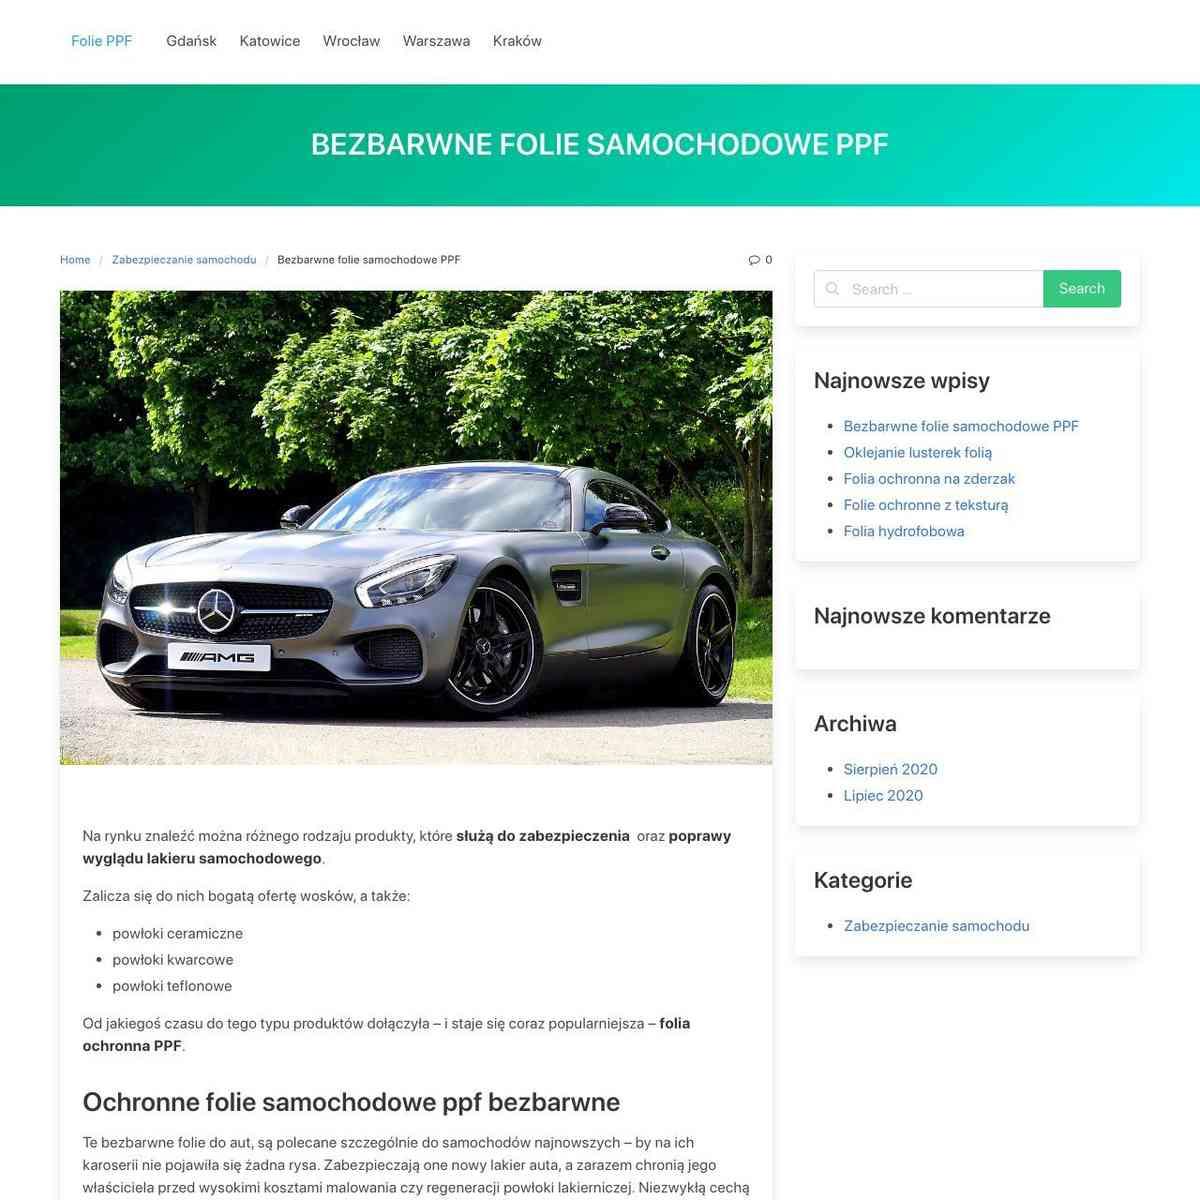 Bezbarwne folie samochodowe PPF – Folie PPF